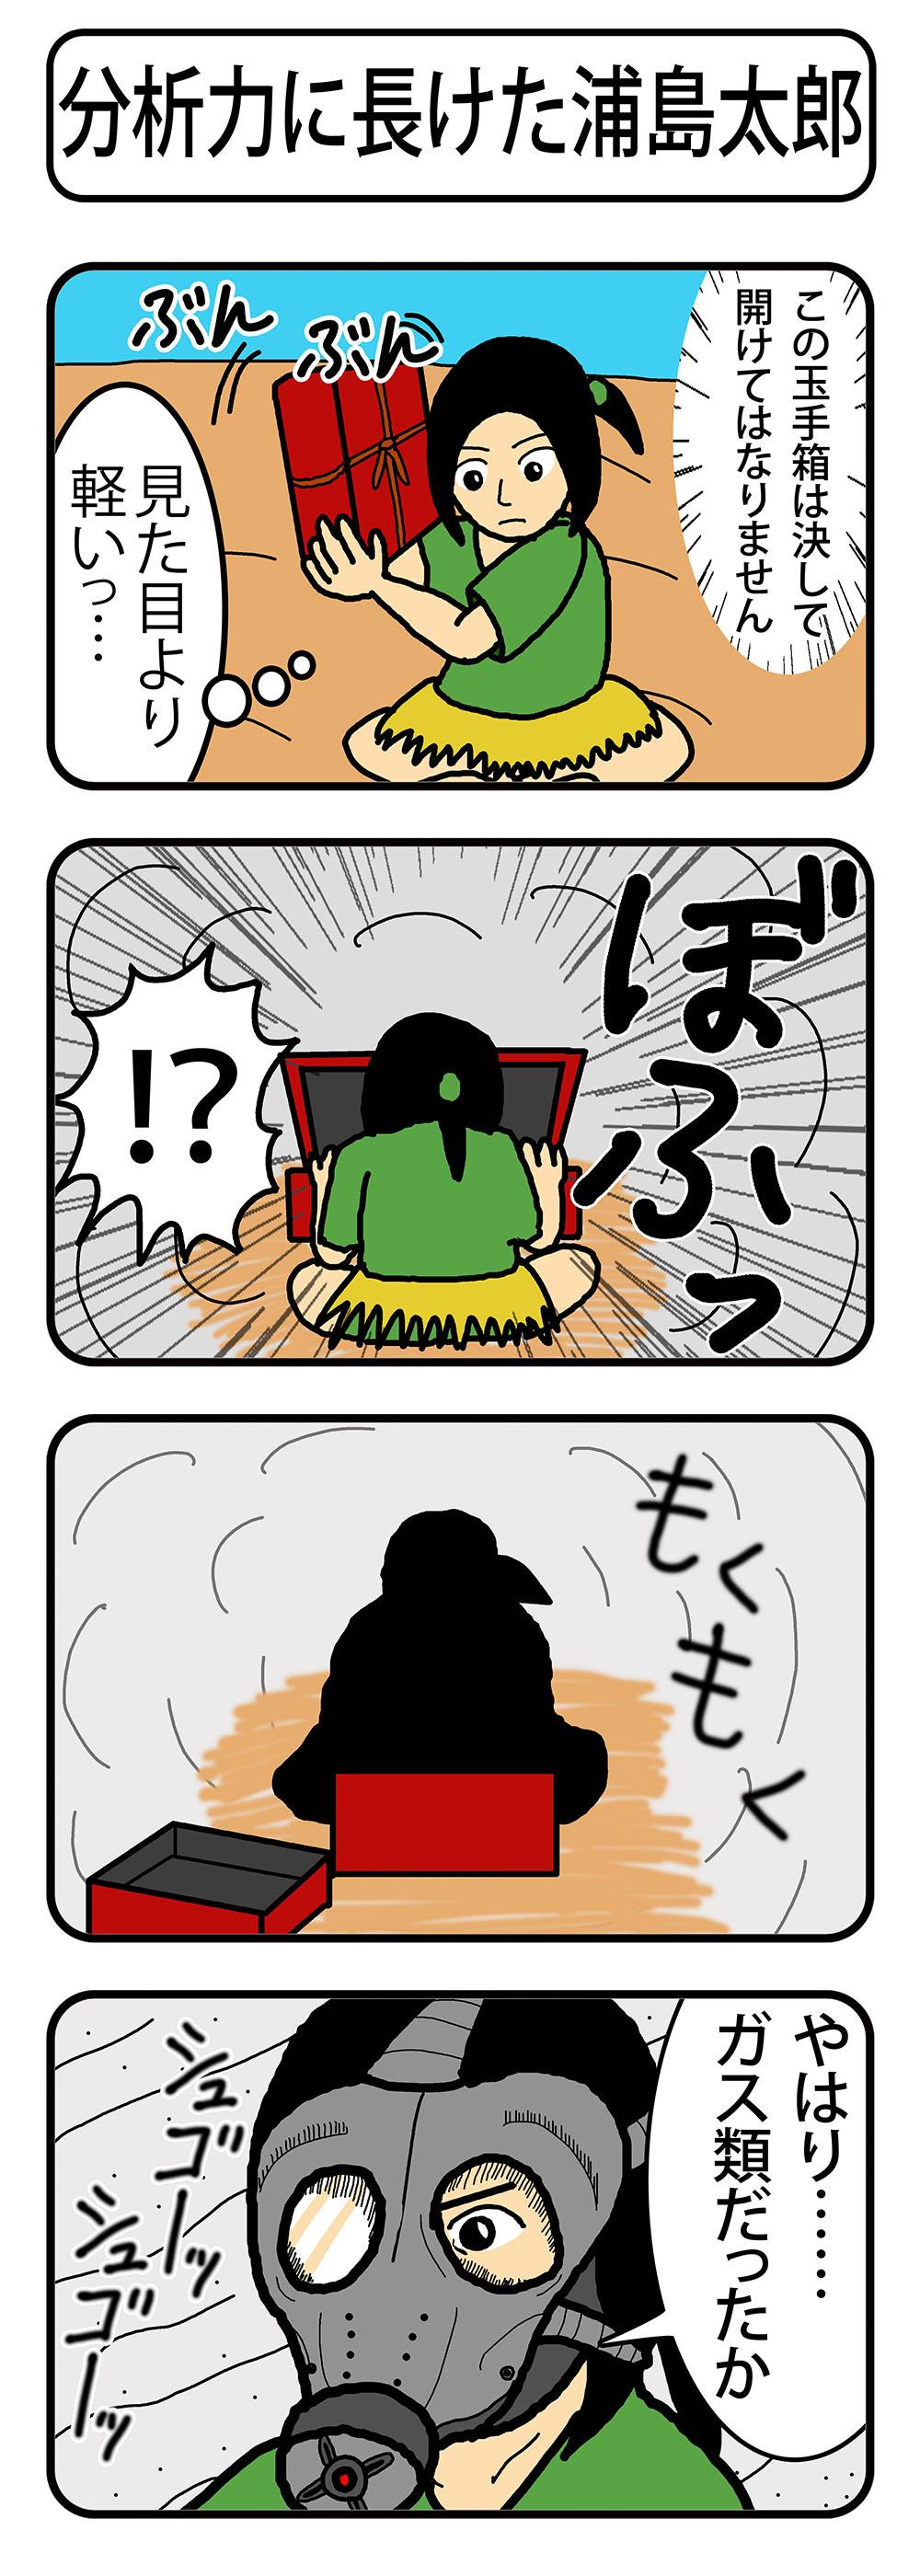 浦島太郎fin